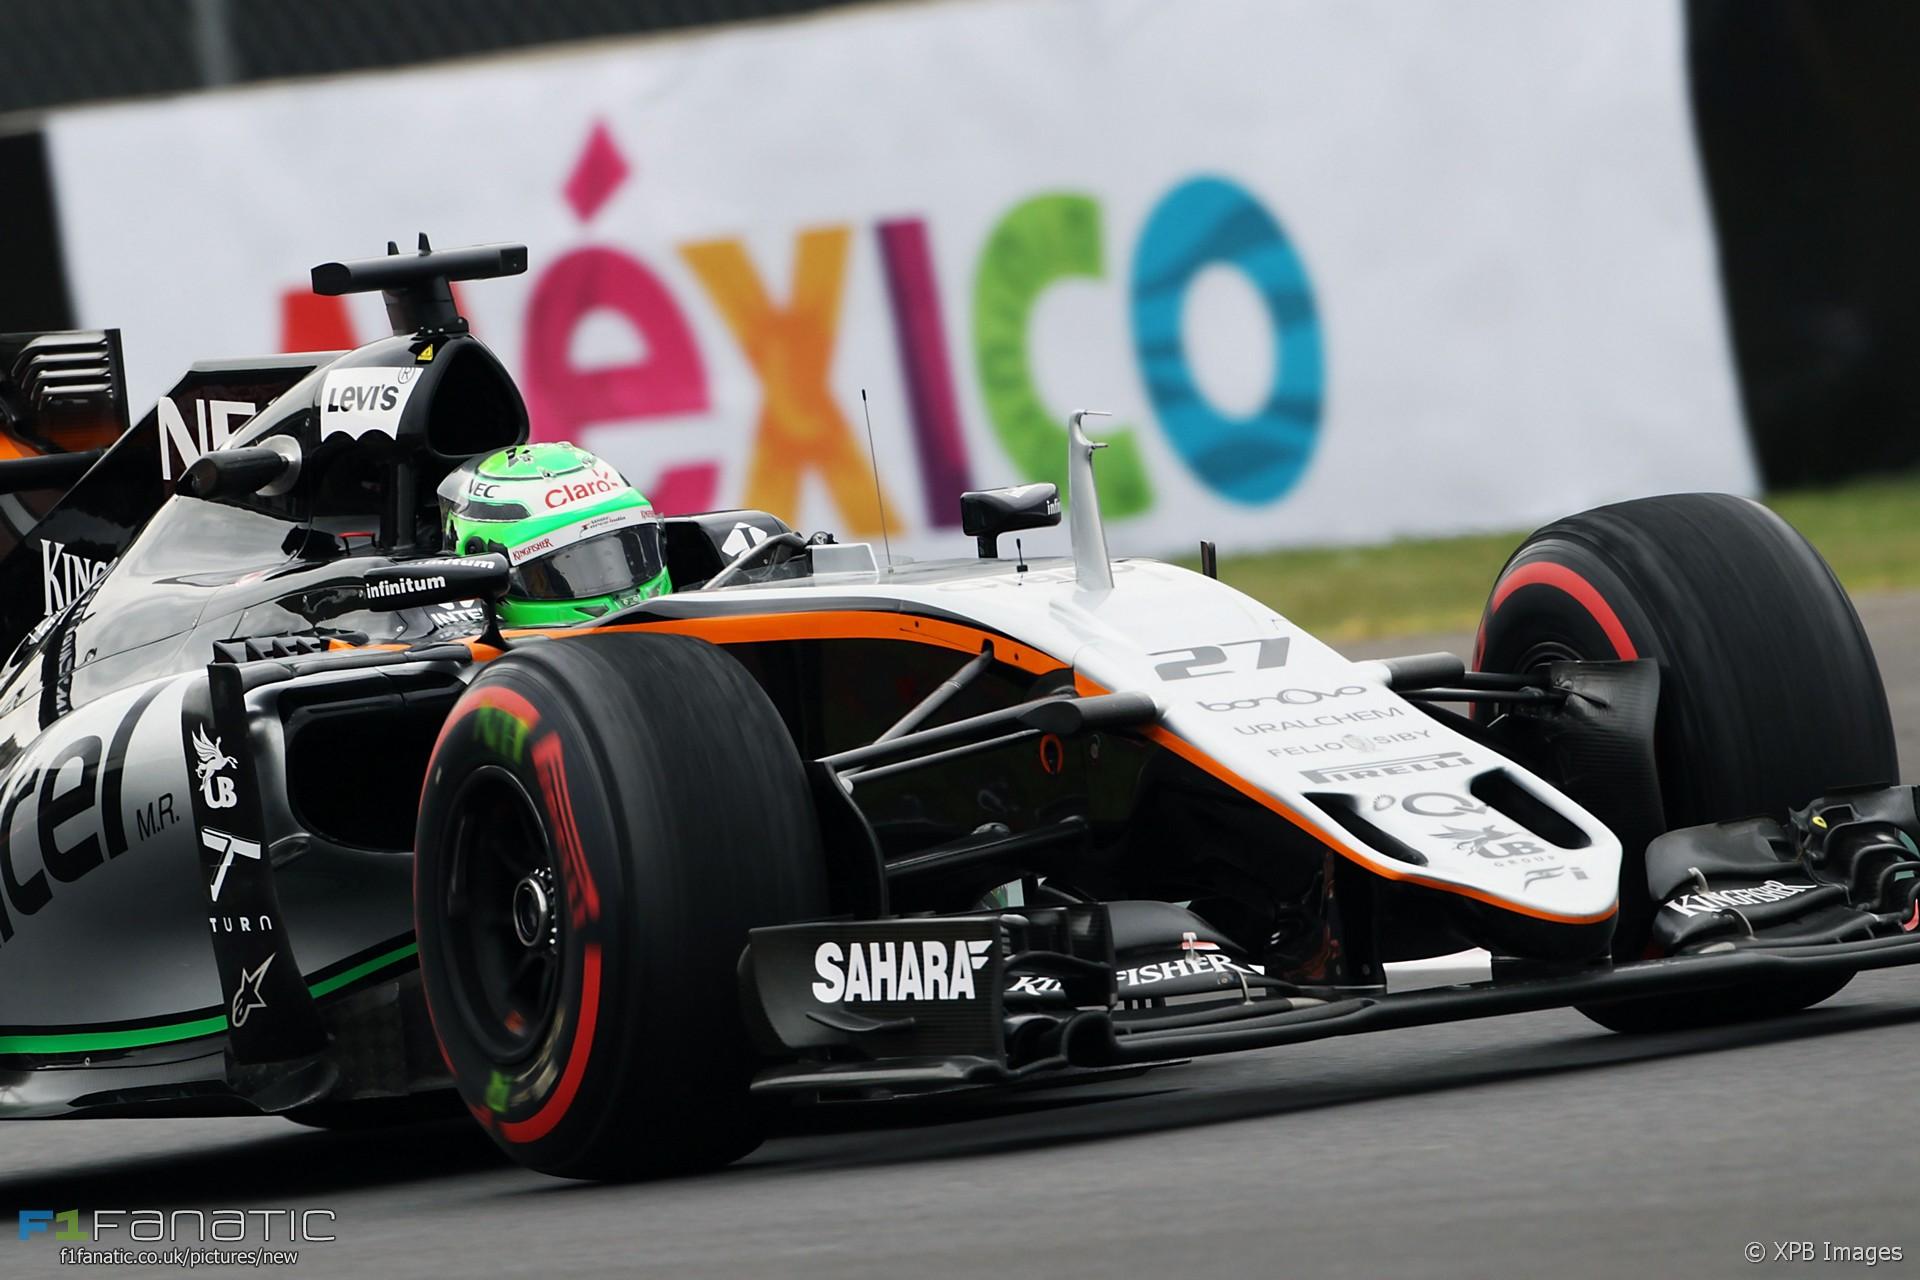 Nico Hulkenberg, Force India, Autodromo Hermanos Rodriguez, 2016